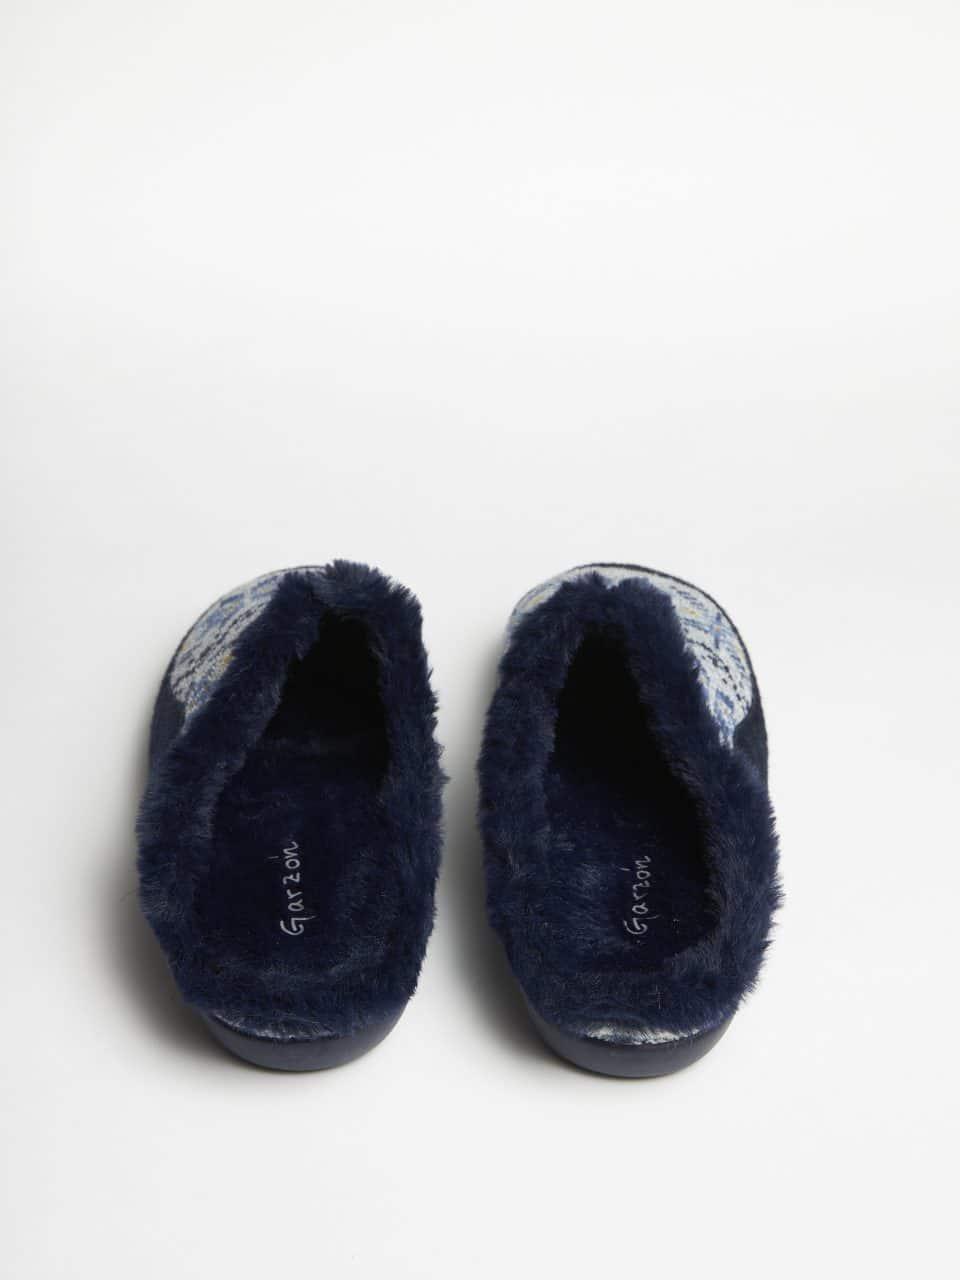 ZUECO LANA ELENA MARINO Garzón en Loyna Shoes